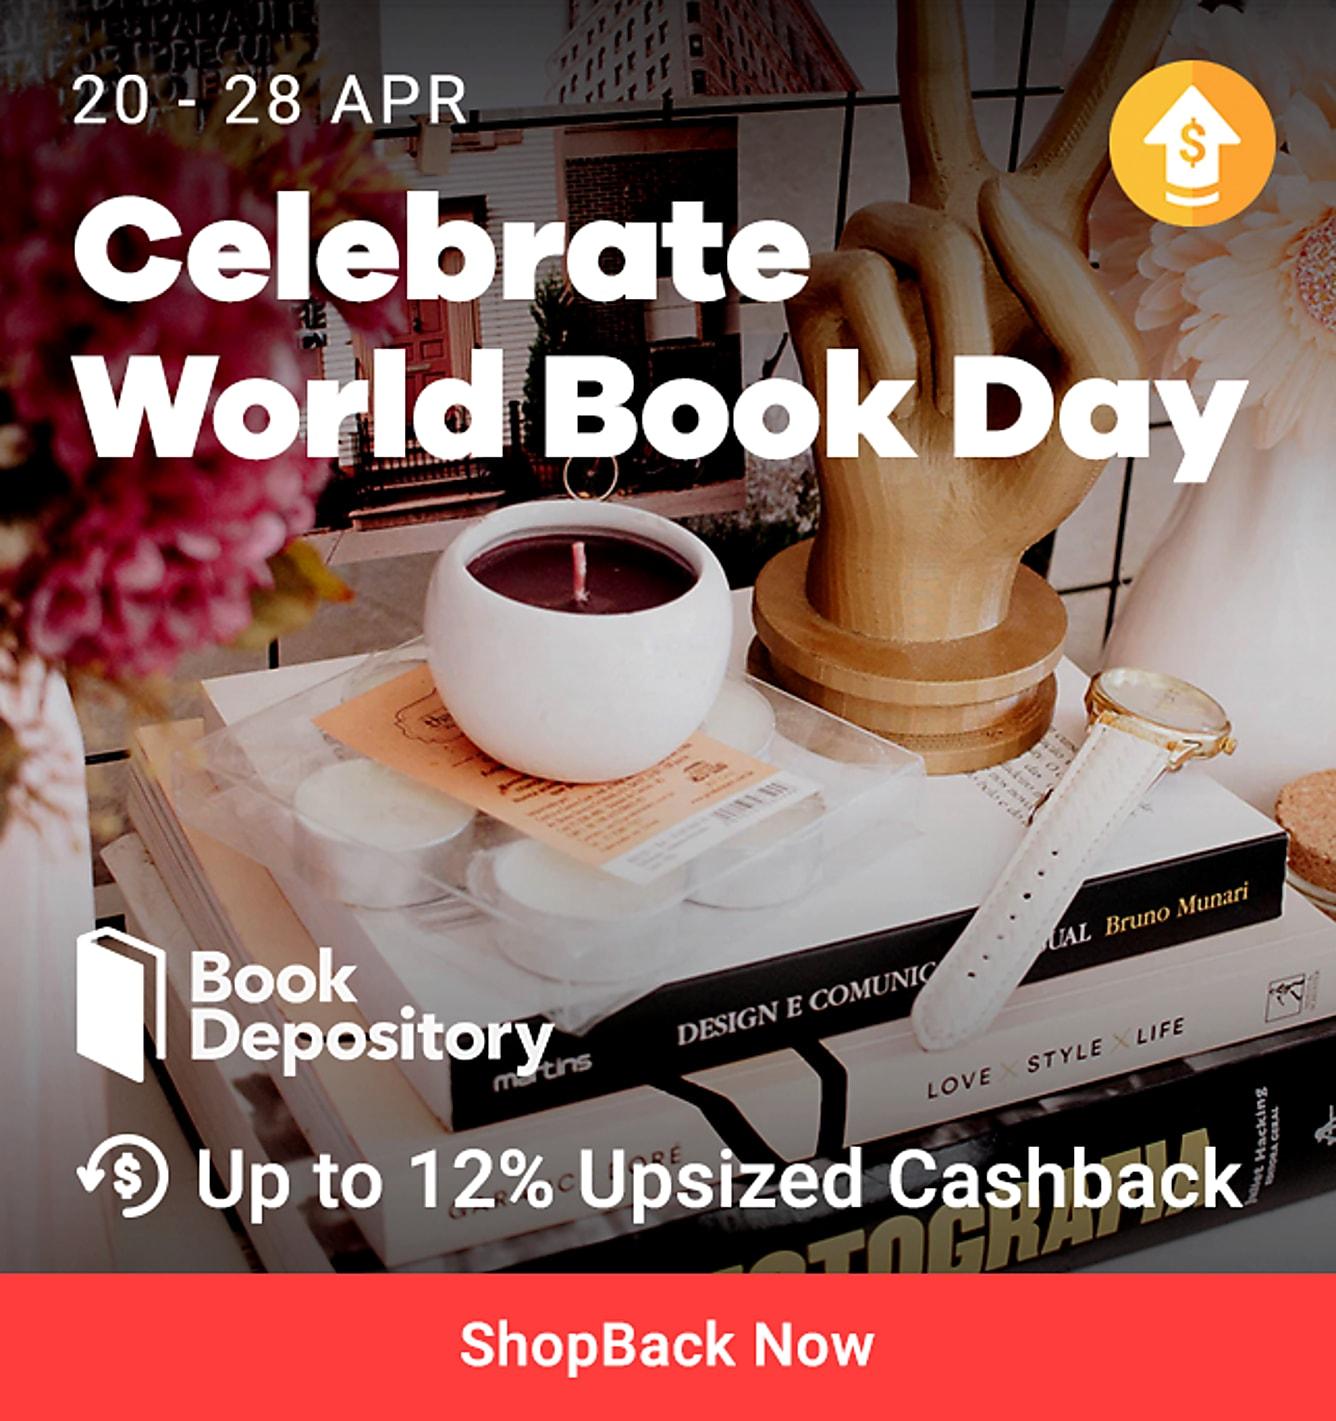 book depository 12% upsized cashback